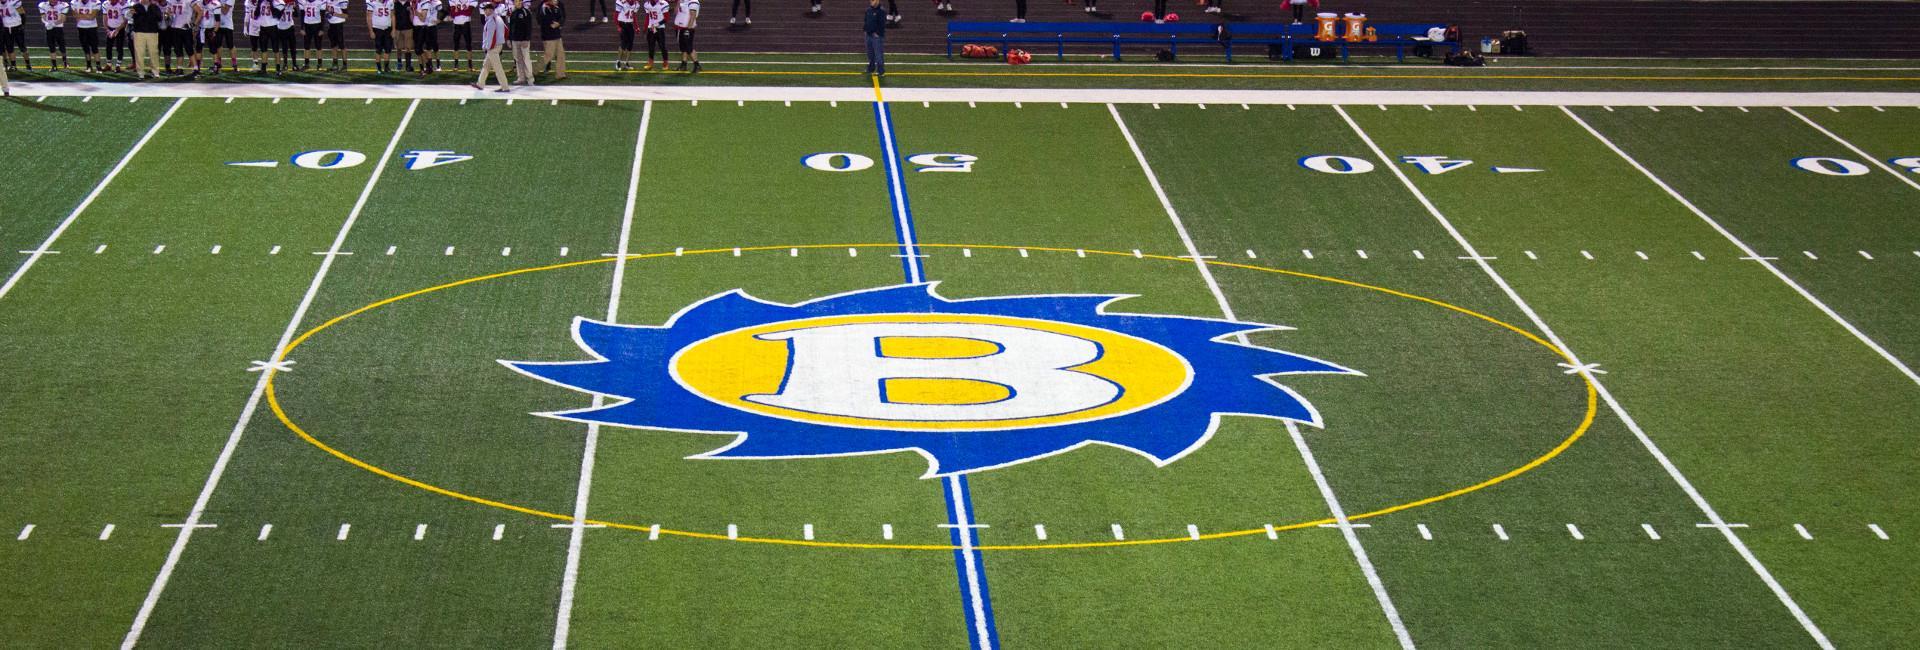 Brooklyn High School Front Brooklyn Stadium-50 yard line buzzsaw ...